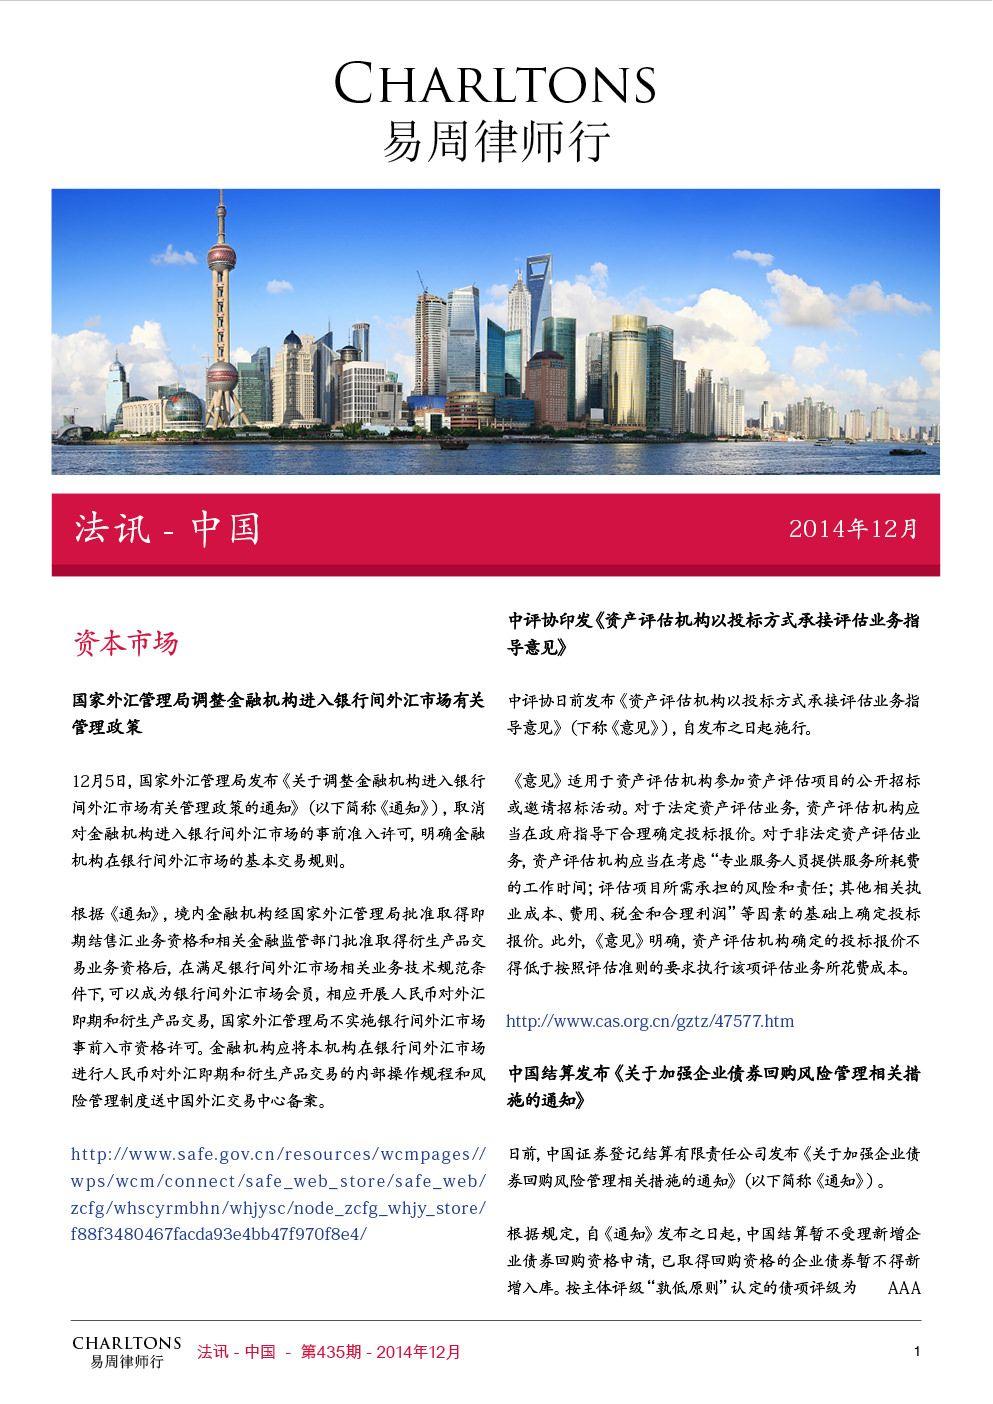 中国法讯 2014年12月13日 国家外汇管理局调整金融机构进入银行间外汇市场有关管理政策 Charlton Law Firm Shanghai